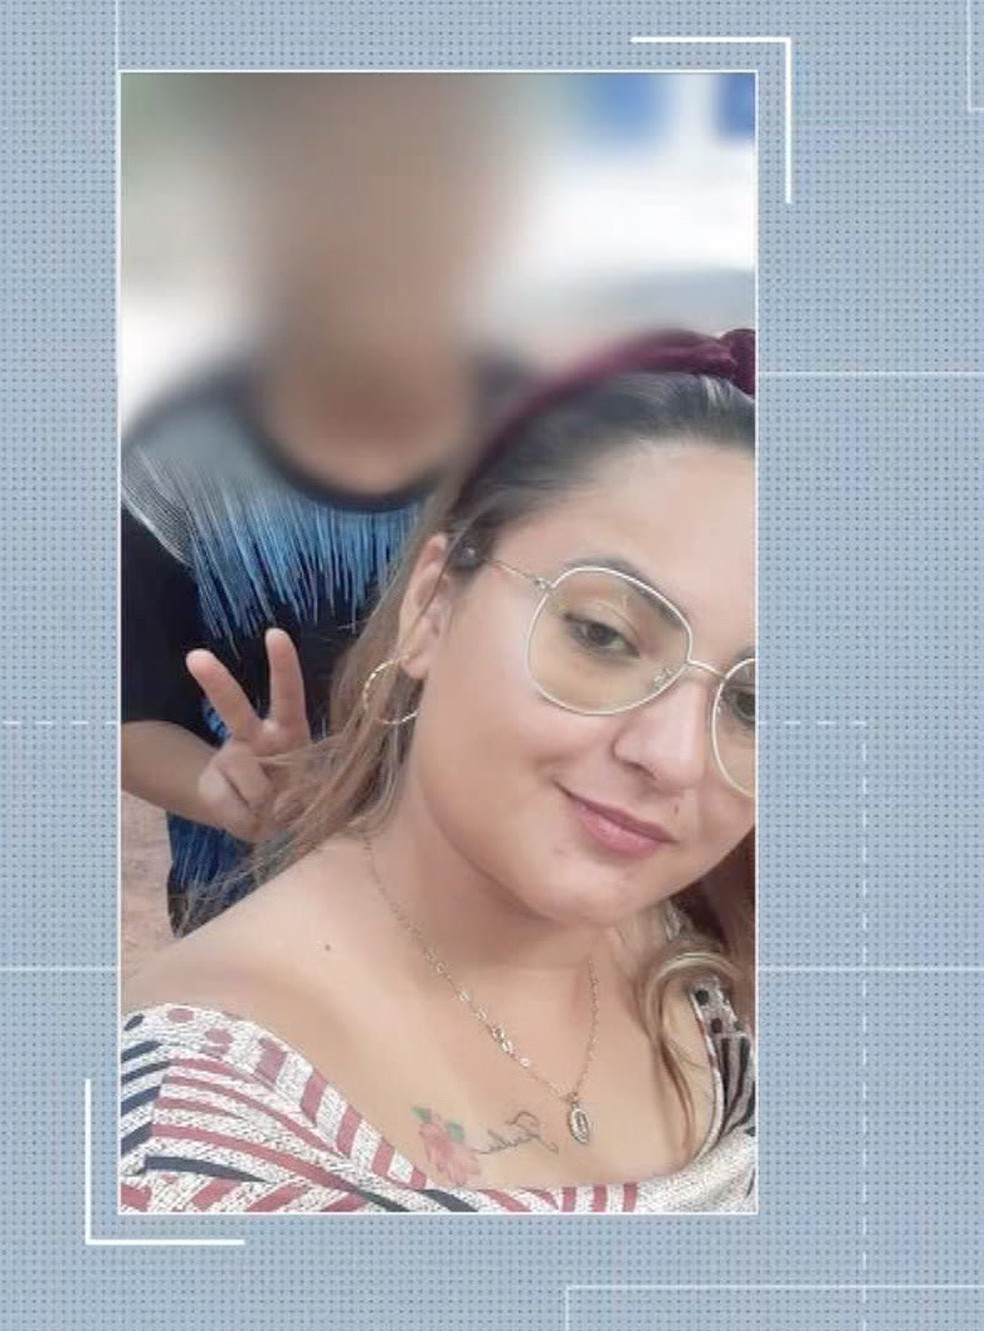 Michelle Quintana de Mello, de 27 anos, morreu em Rondonópolis — Foto: TV Centro América/Reprodução